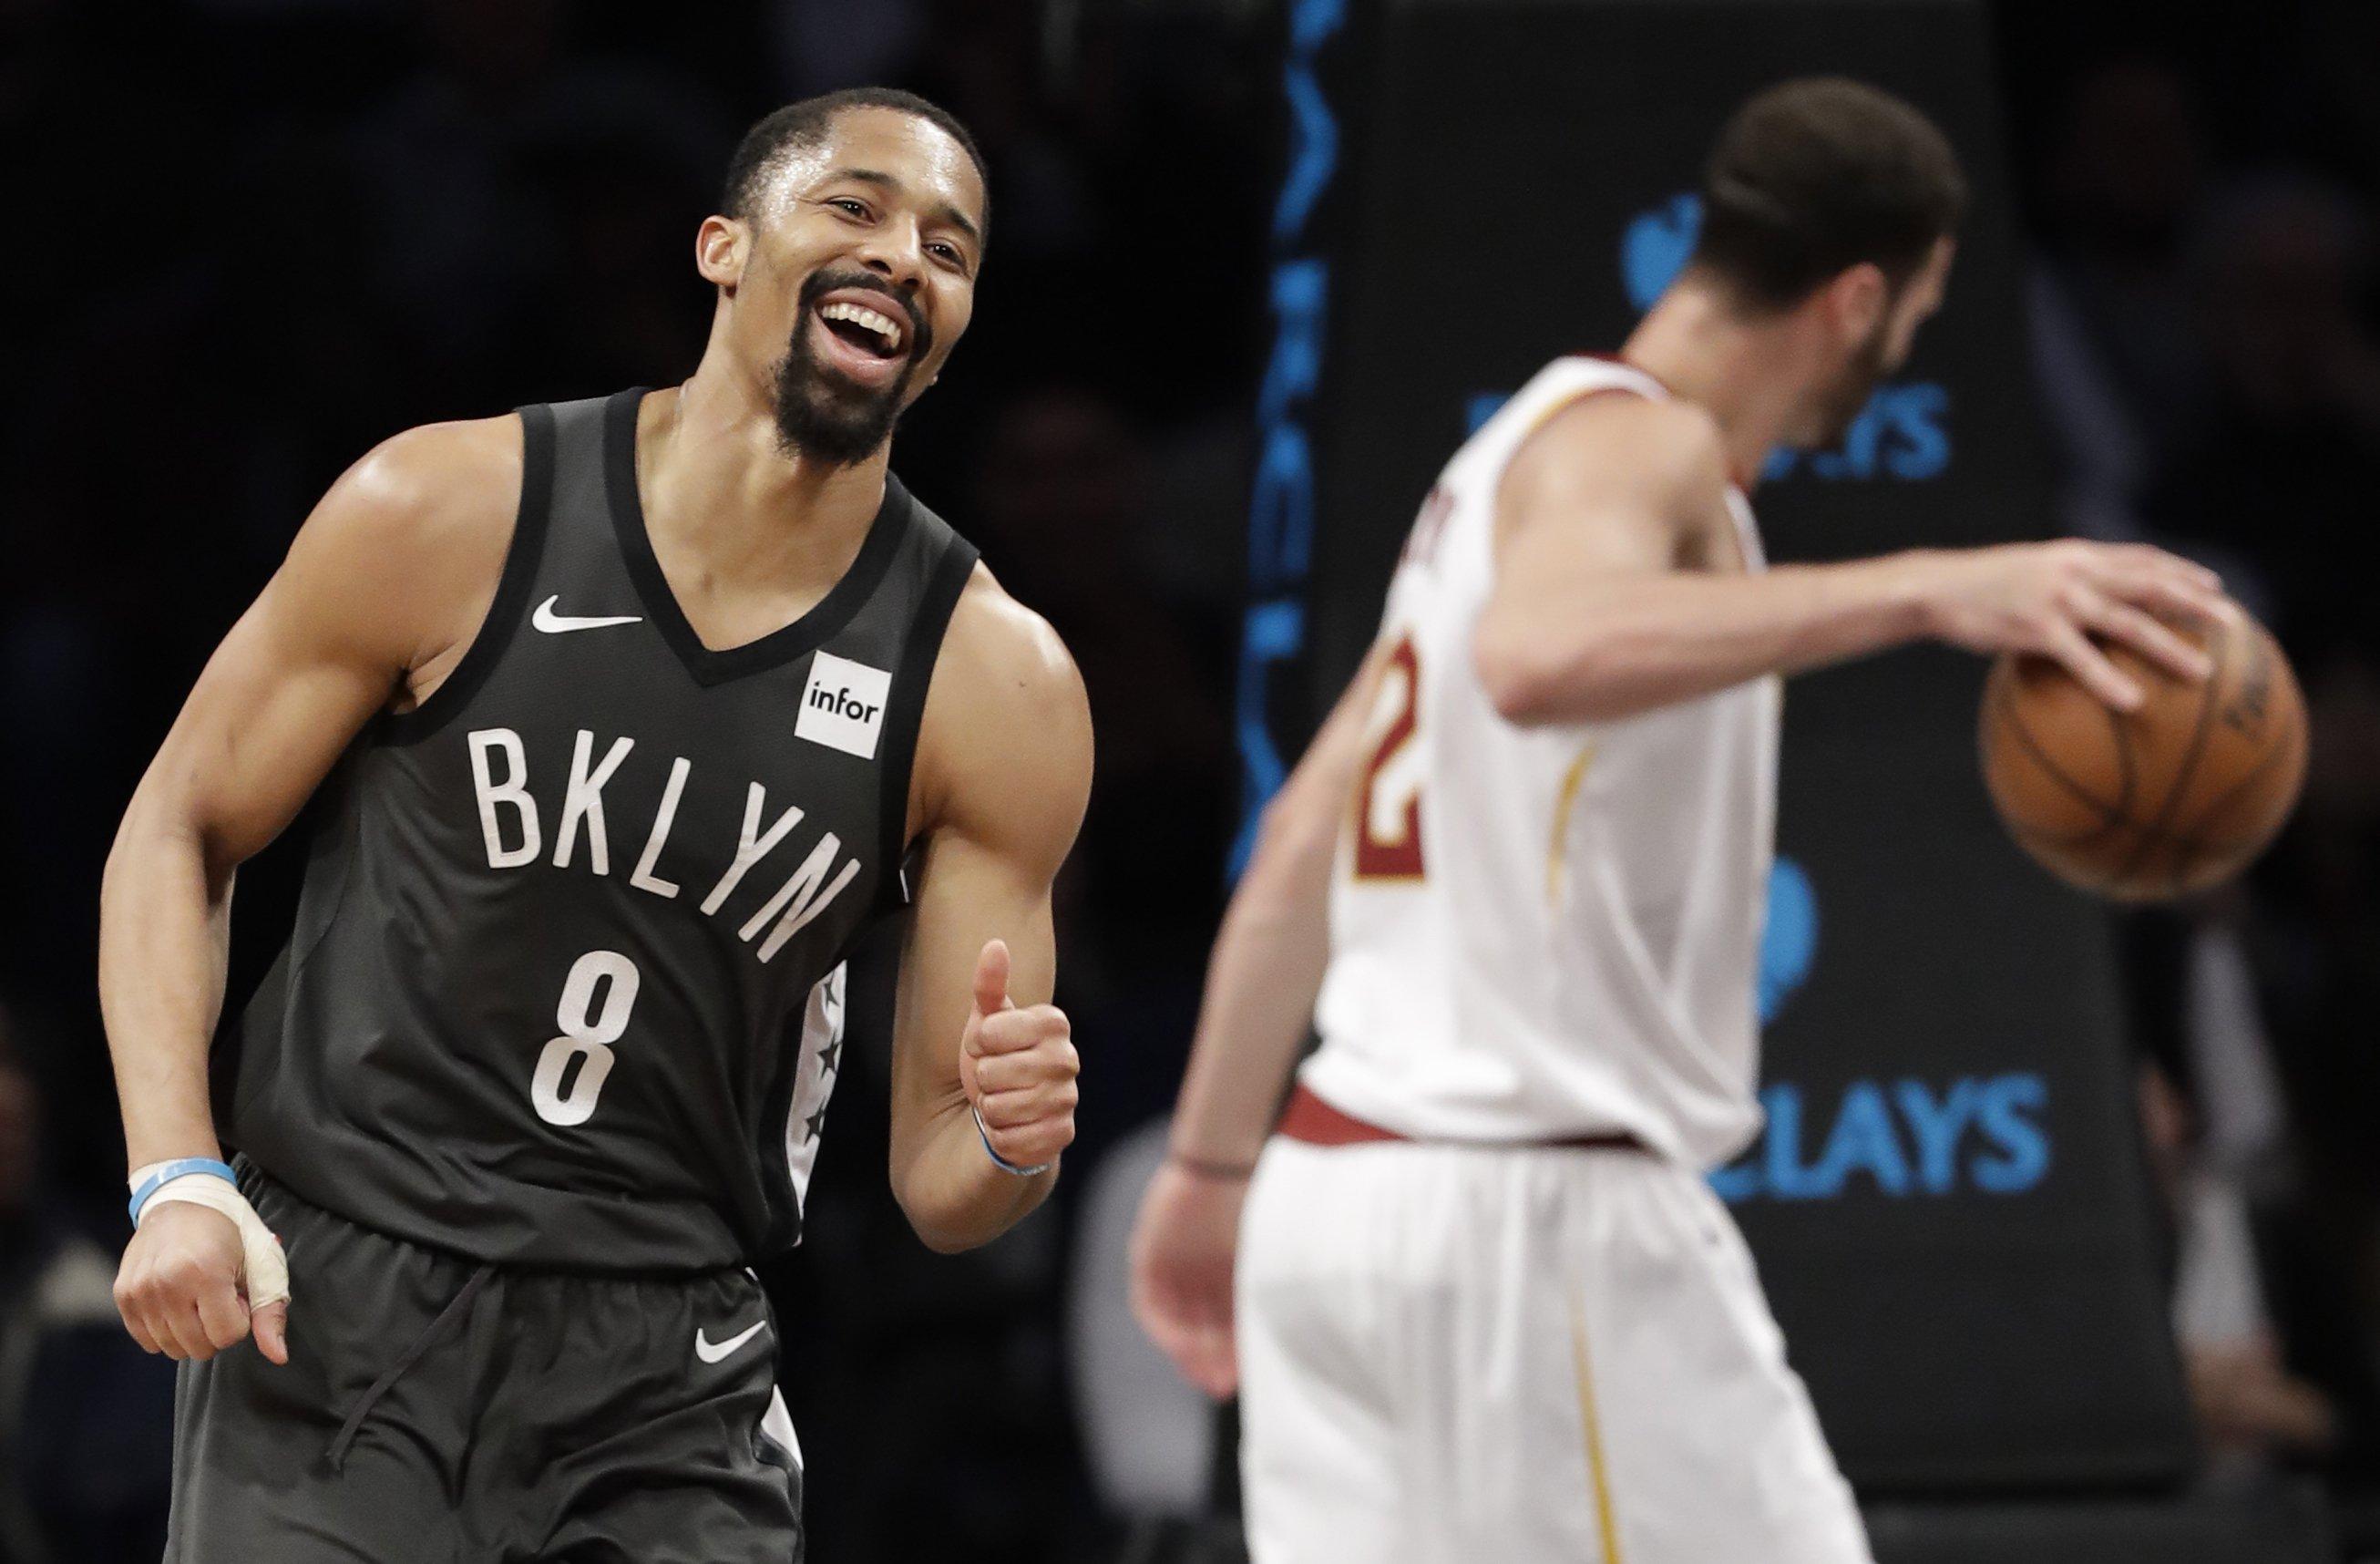 Luego de varios retrasos, Spencer Dinwiddie inicia la tokenización de su contrato con los Brooklyn Nets, un vehículo de inversión digital con potencial atractivo para los atletas profesionales